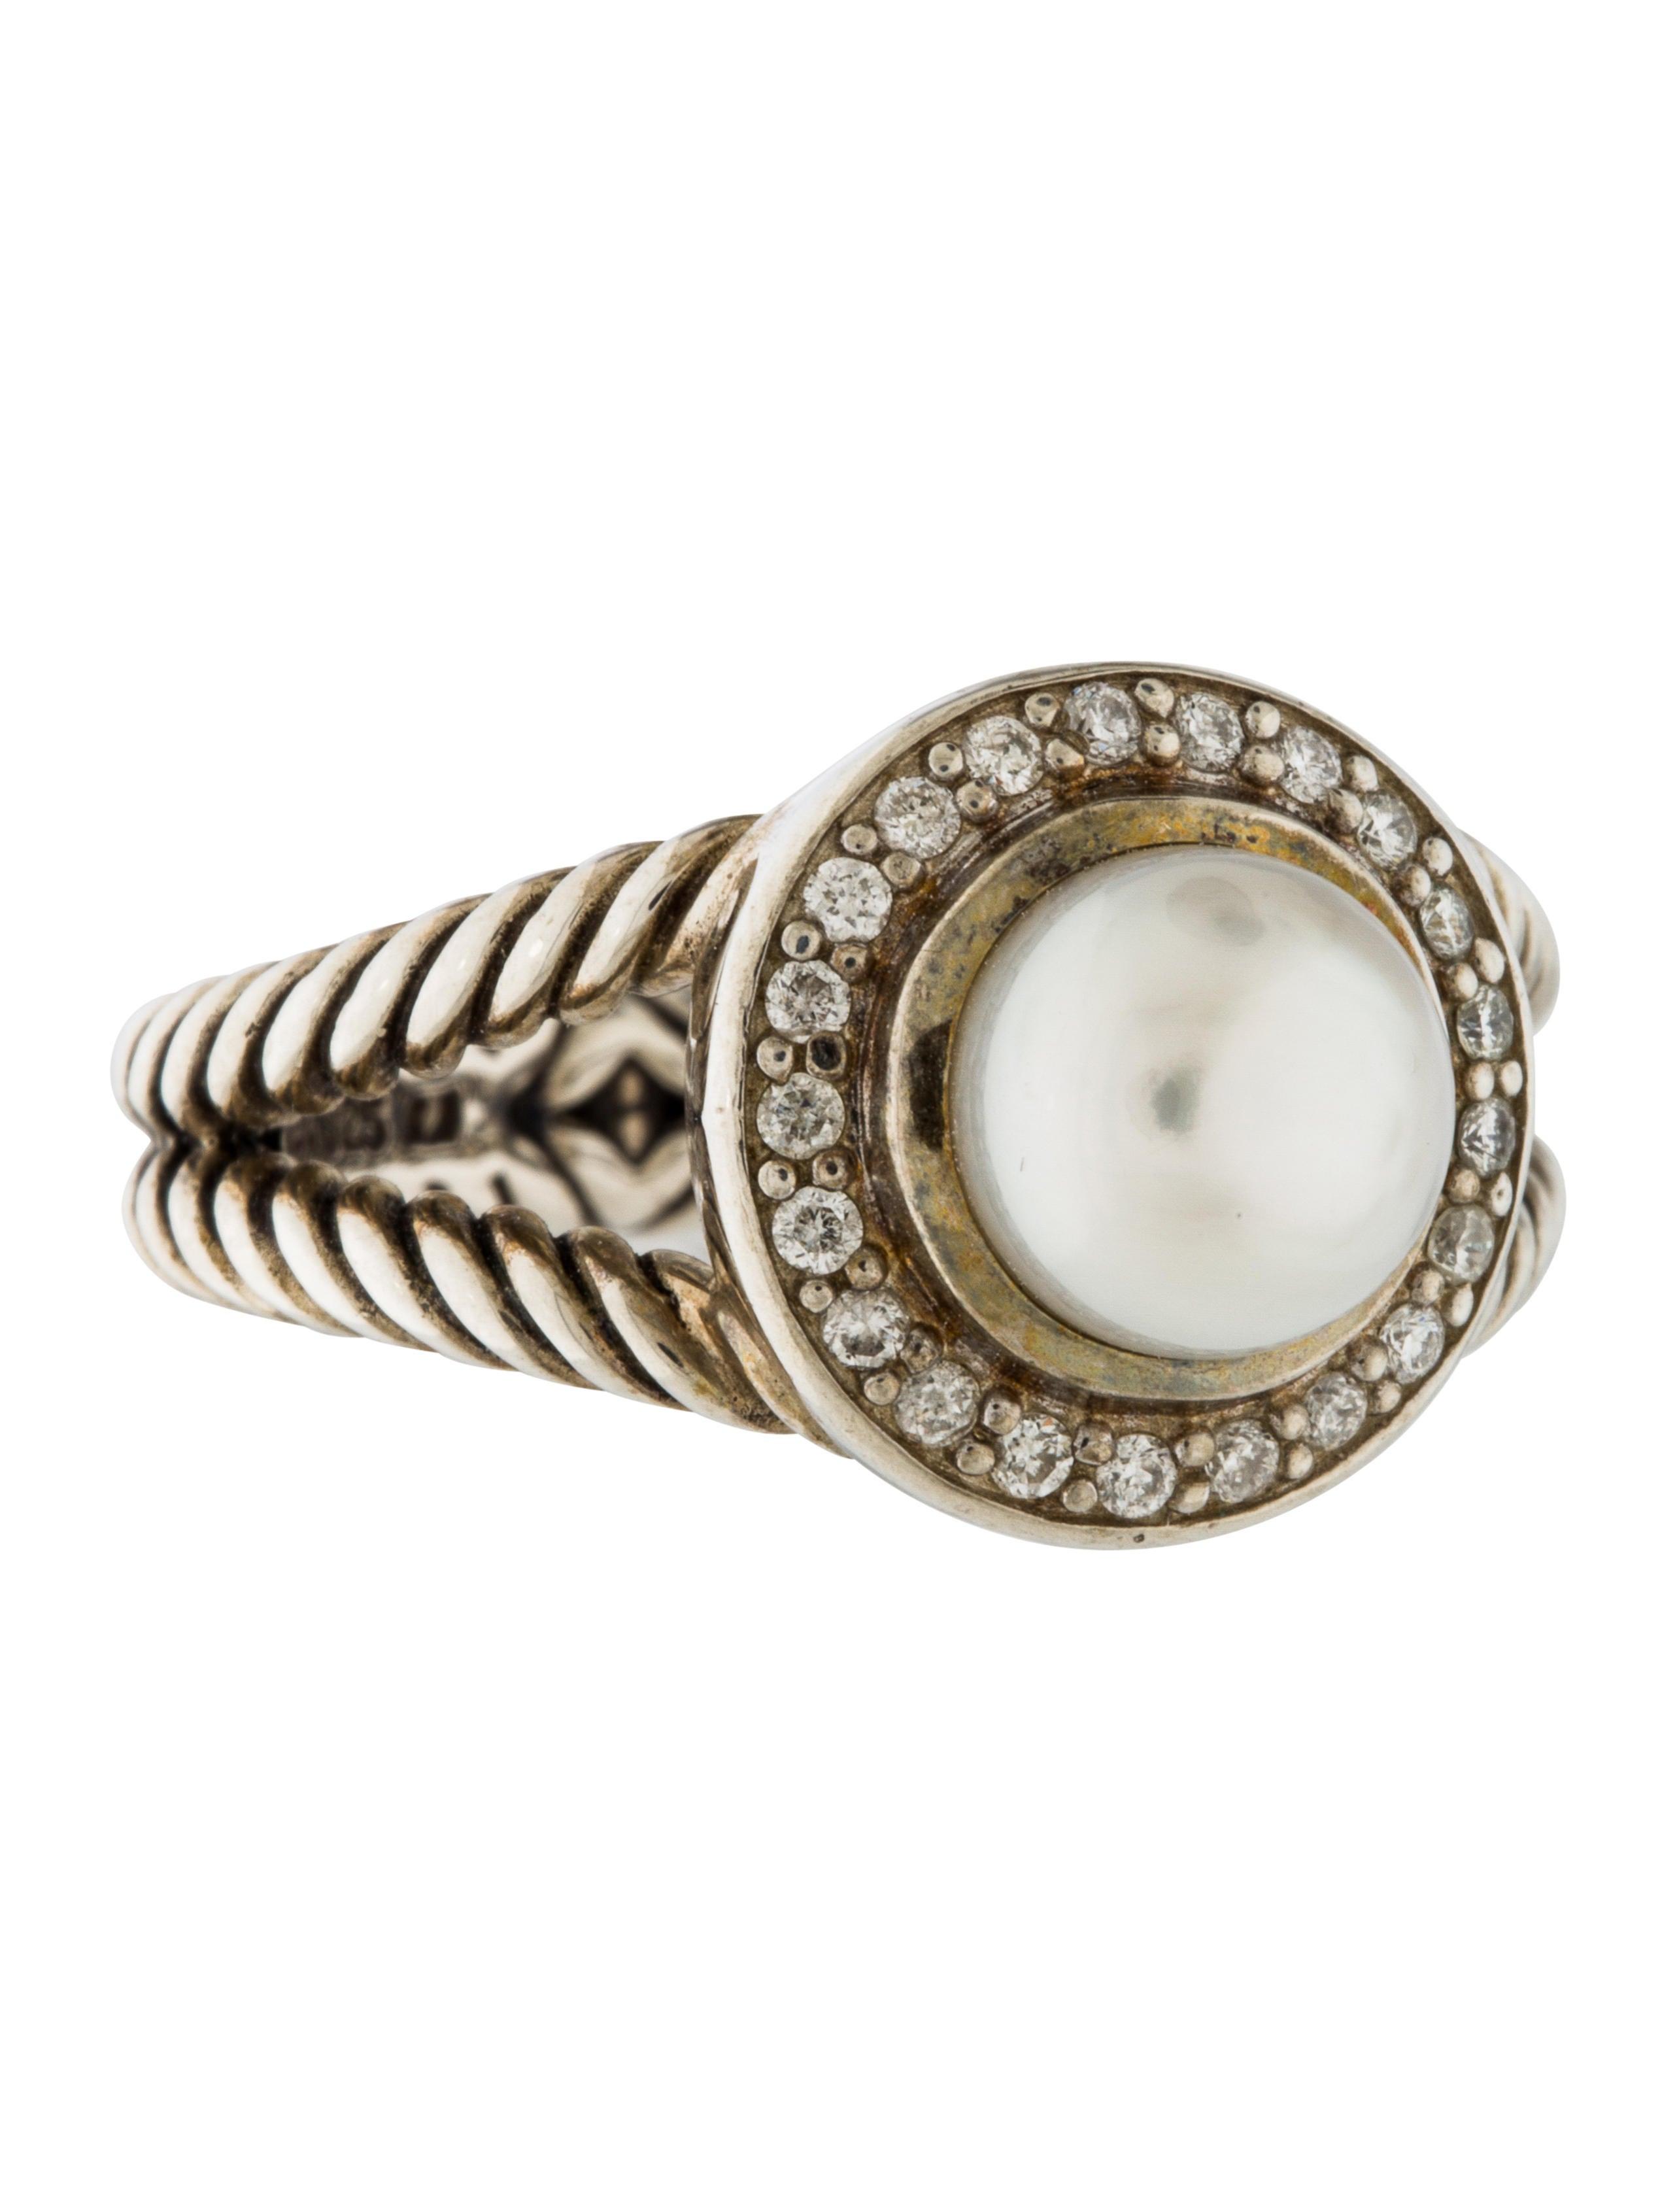 david yurman pearl cocktail ring rings